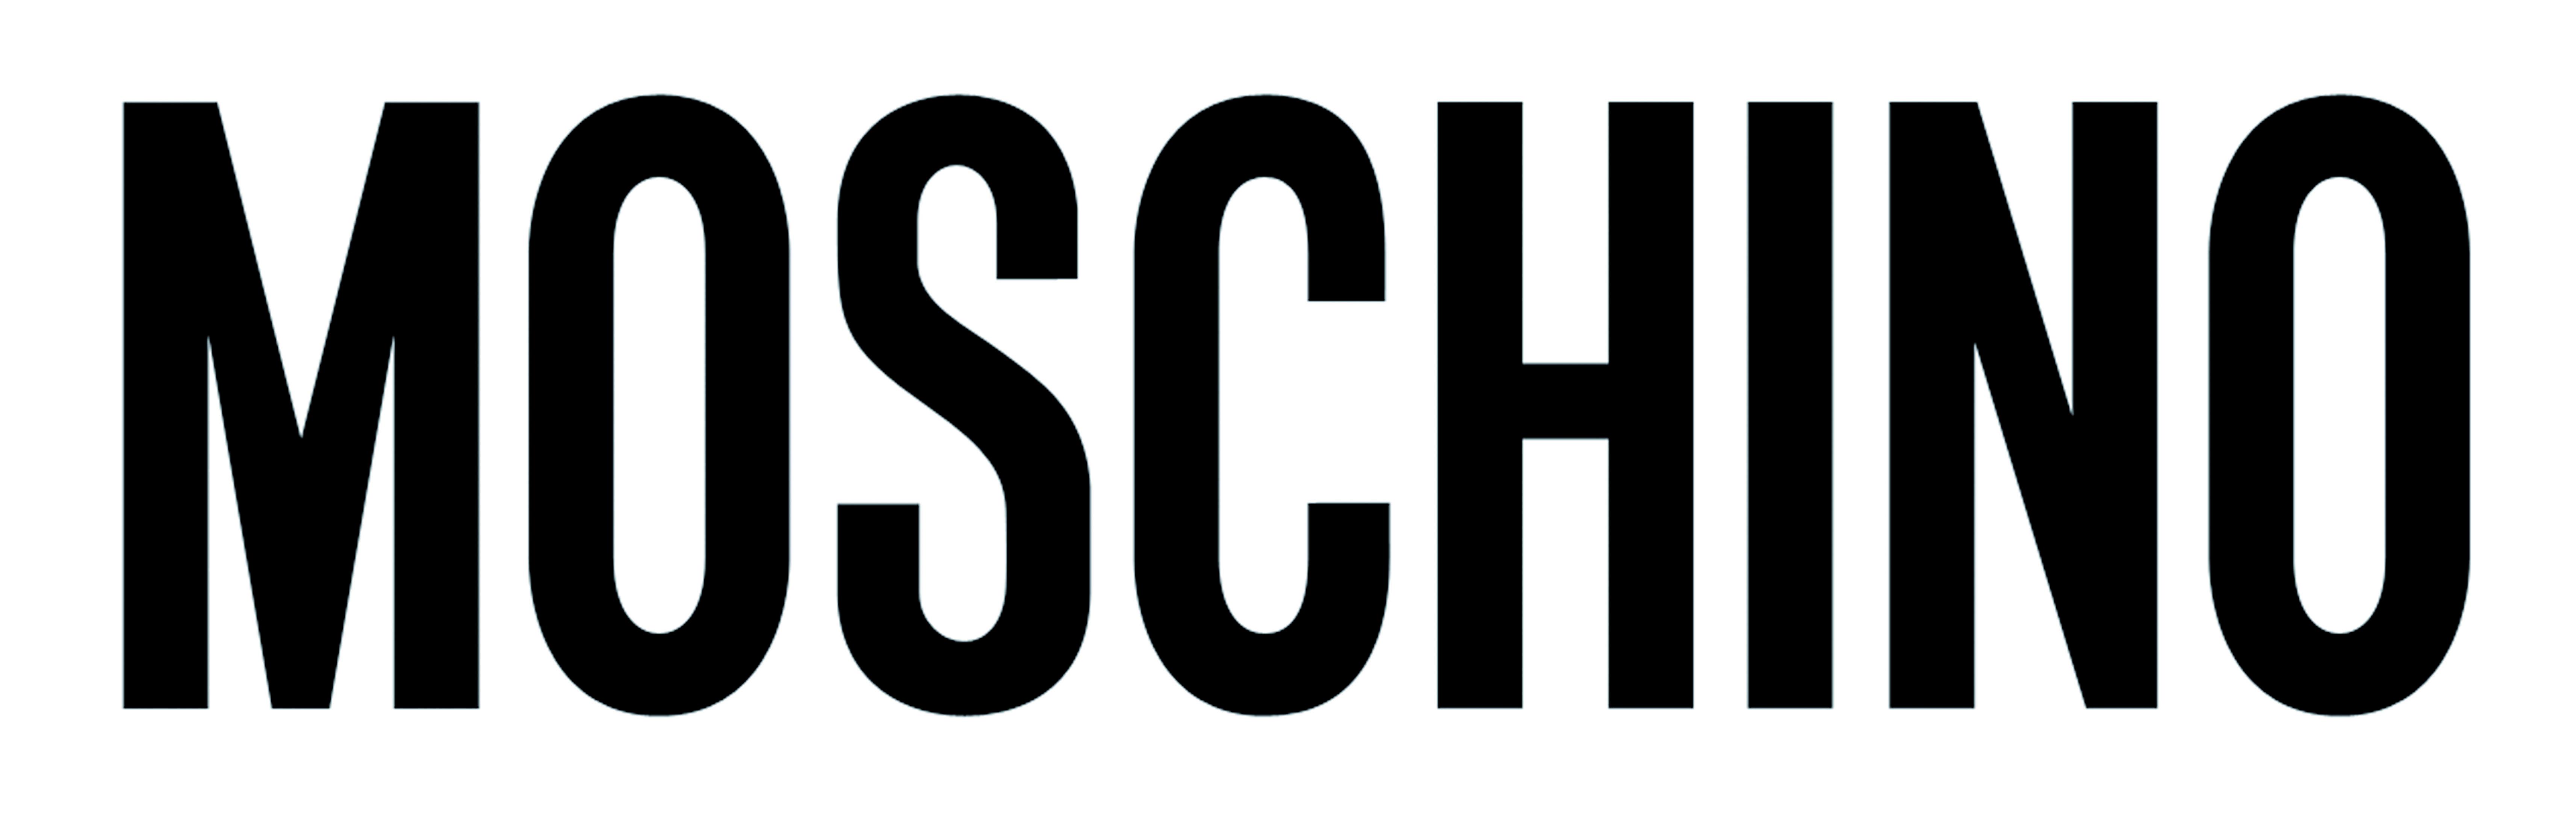 6855x2205 Moschino No Logo Moschino And Logos